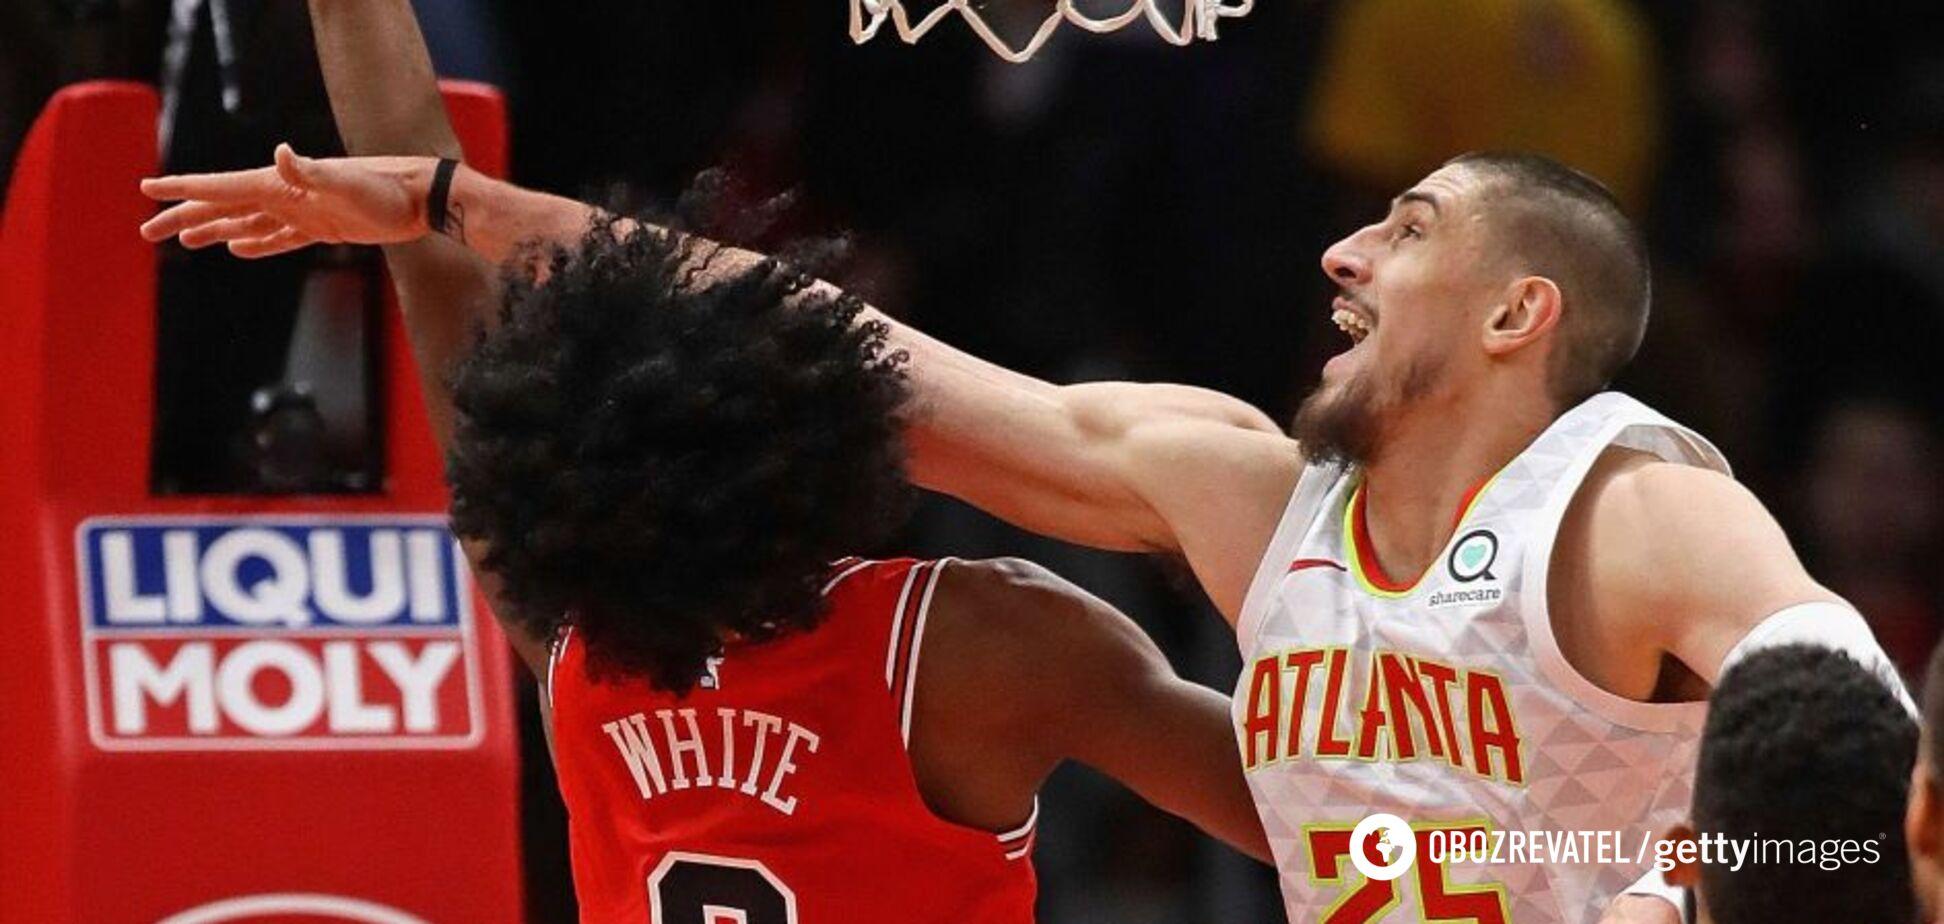 Українець Лень провів чудовий матч у НБА